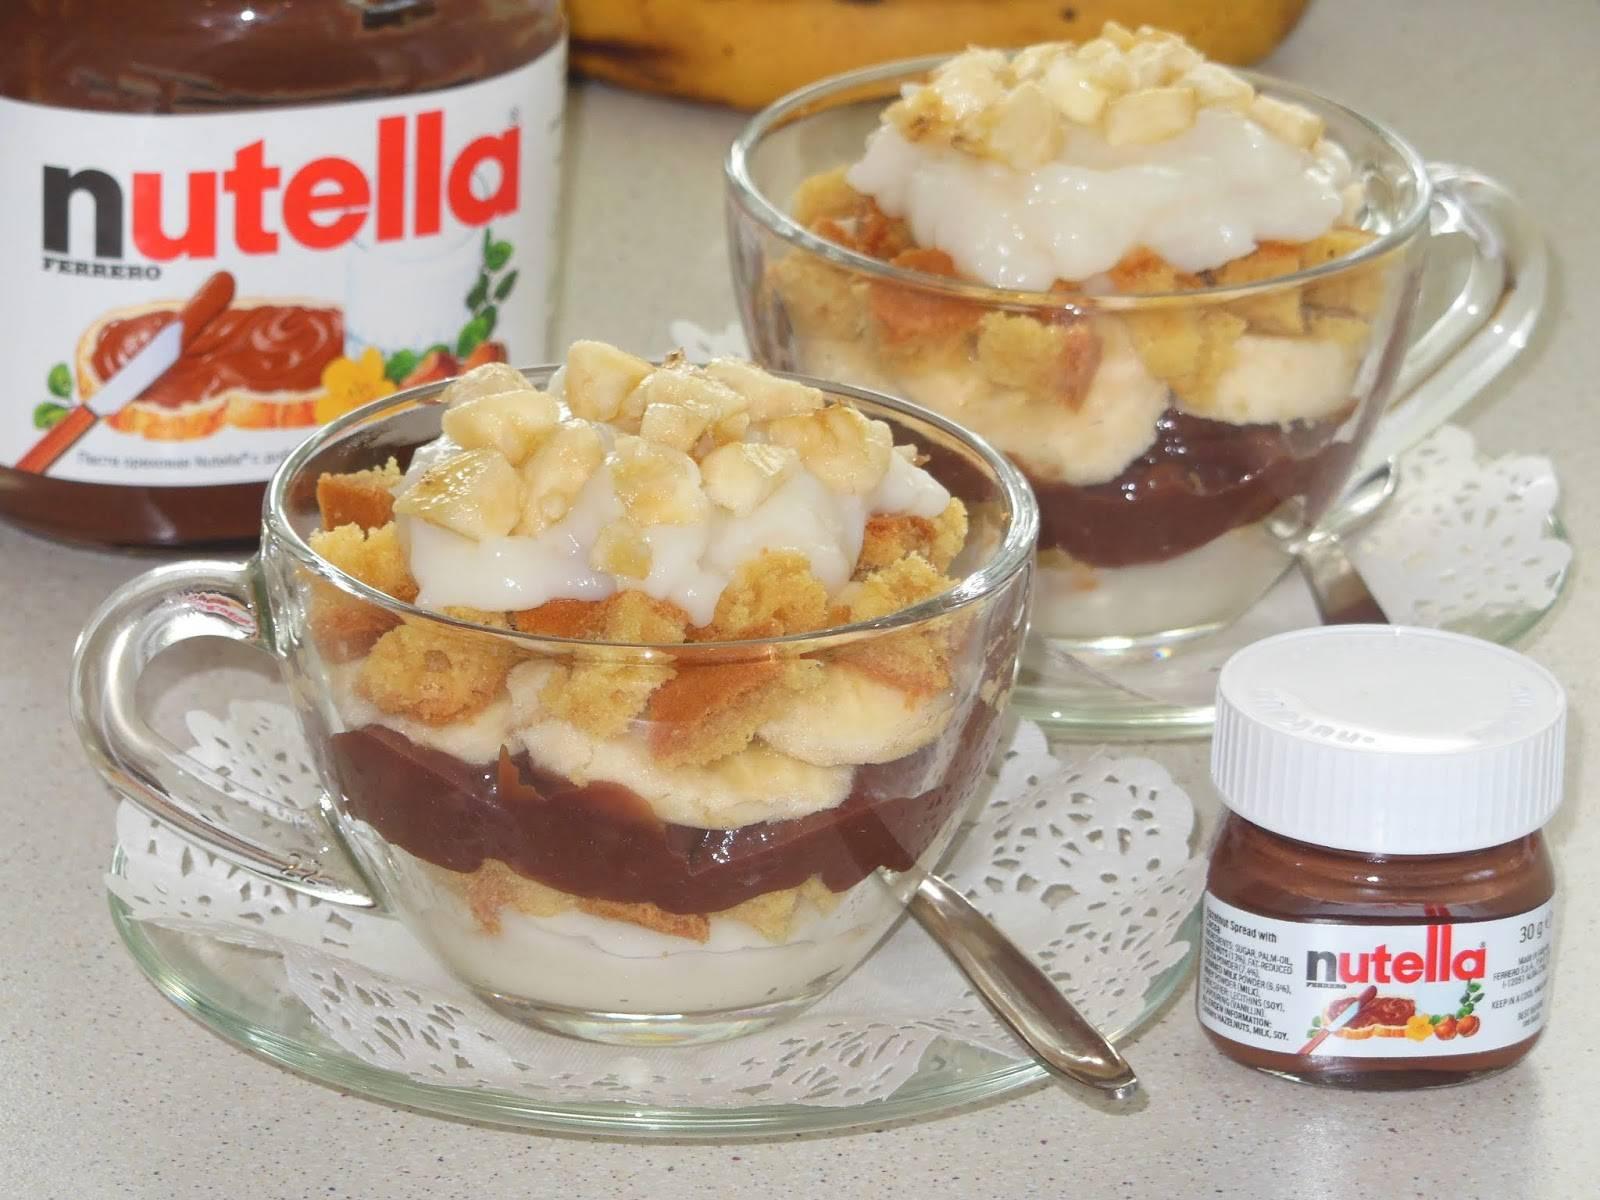 Мягкое банановое мороженое с ягодами жимолости рецепт – европейская кухня: выпечка и десерты.